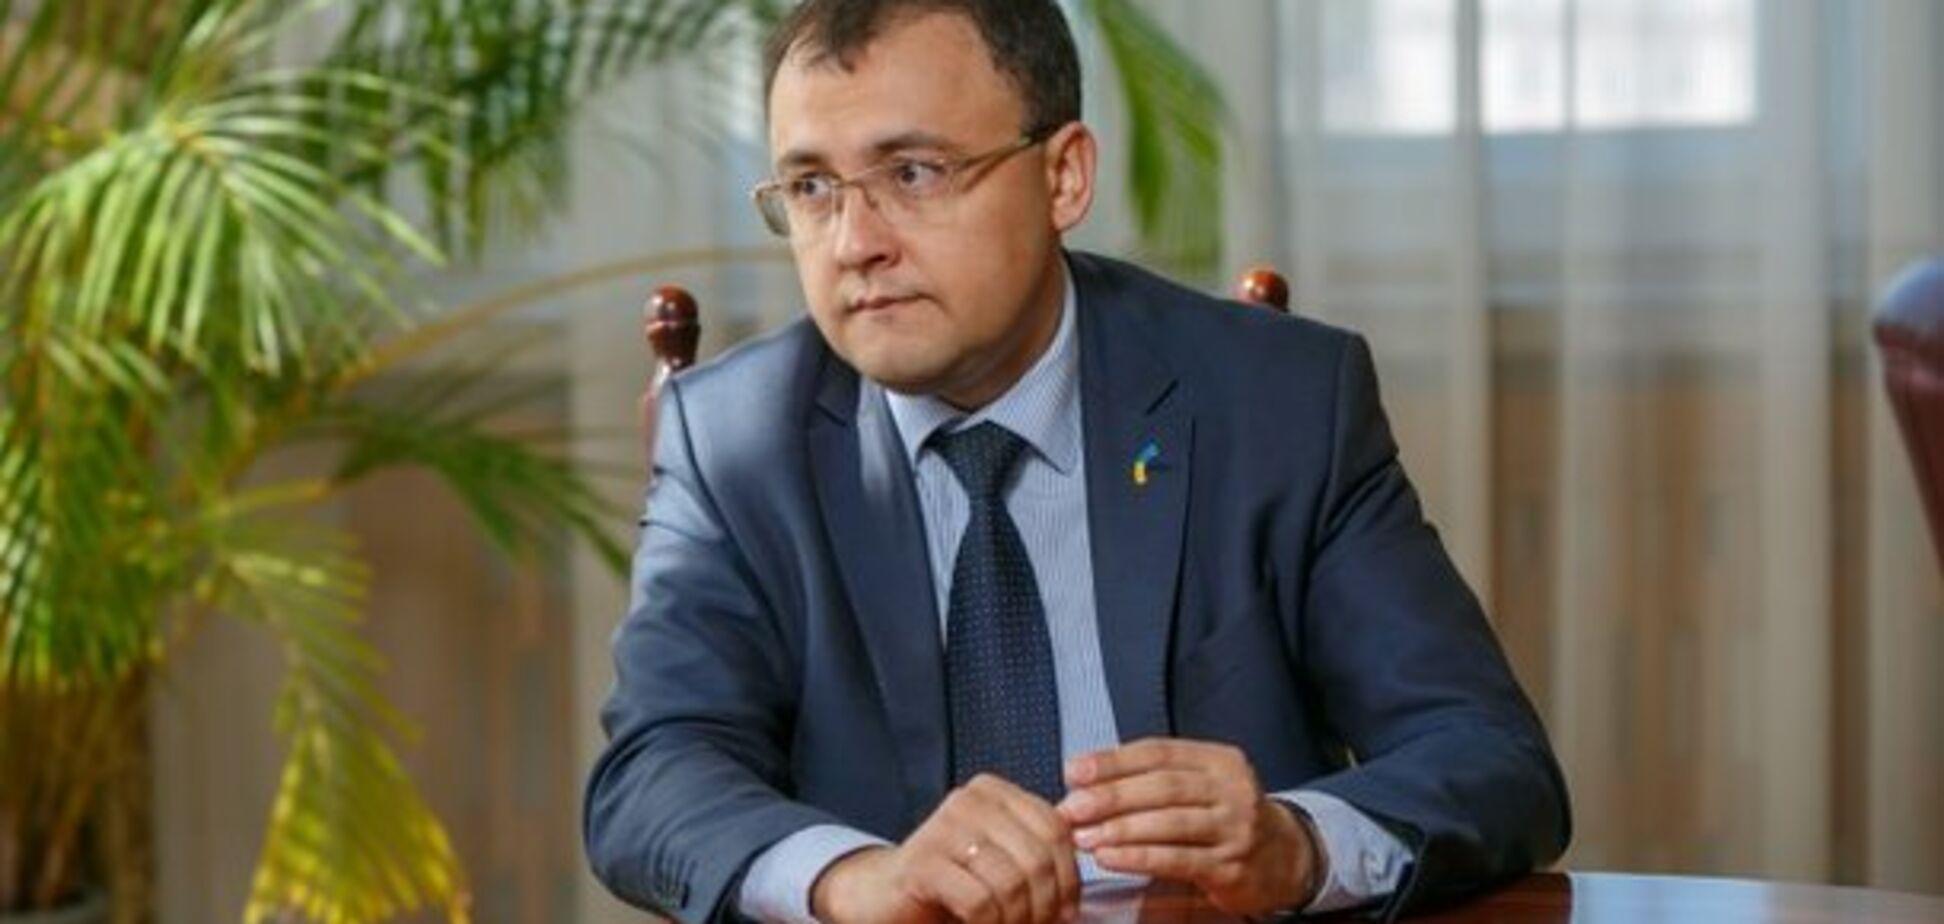 'Літо й осінь будуть 'веселими': інтерв'ю з заступником голови МЗС про стосунки з Угорщиною та Польщею